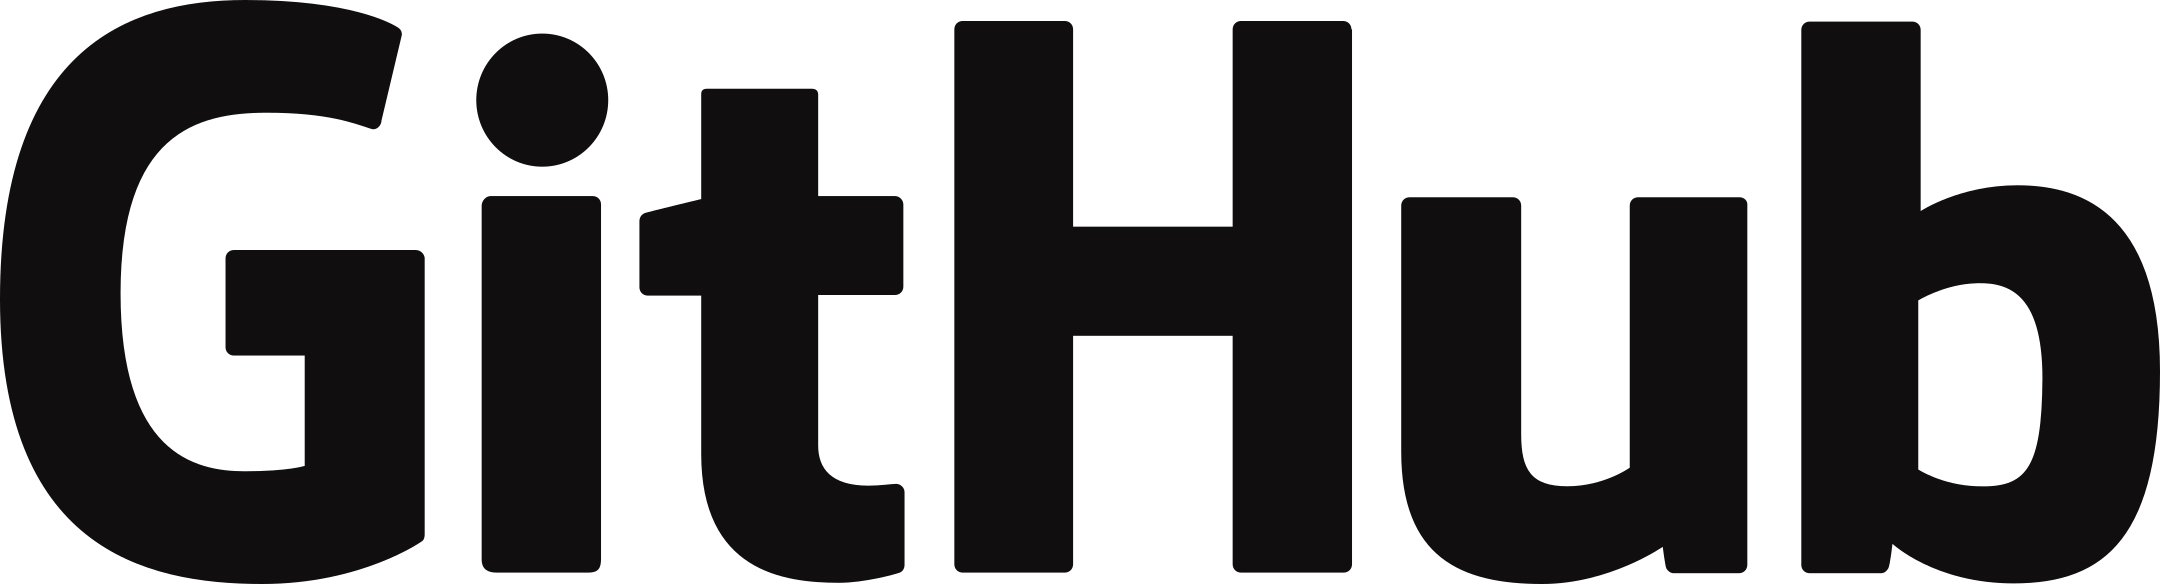 github logo 3 - Github Logo